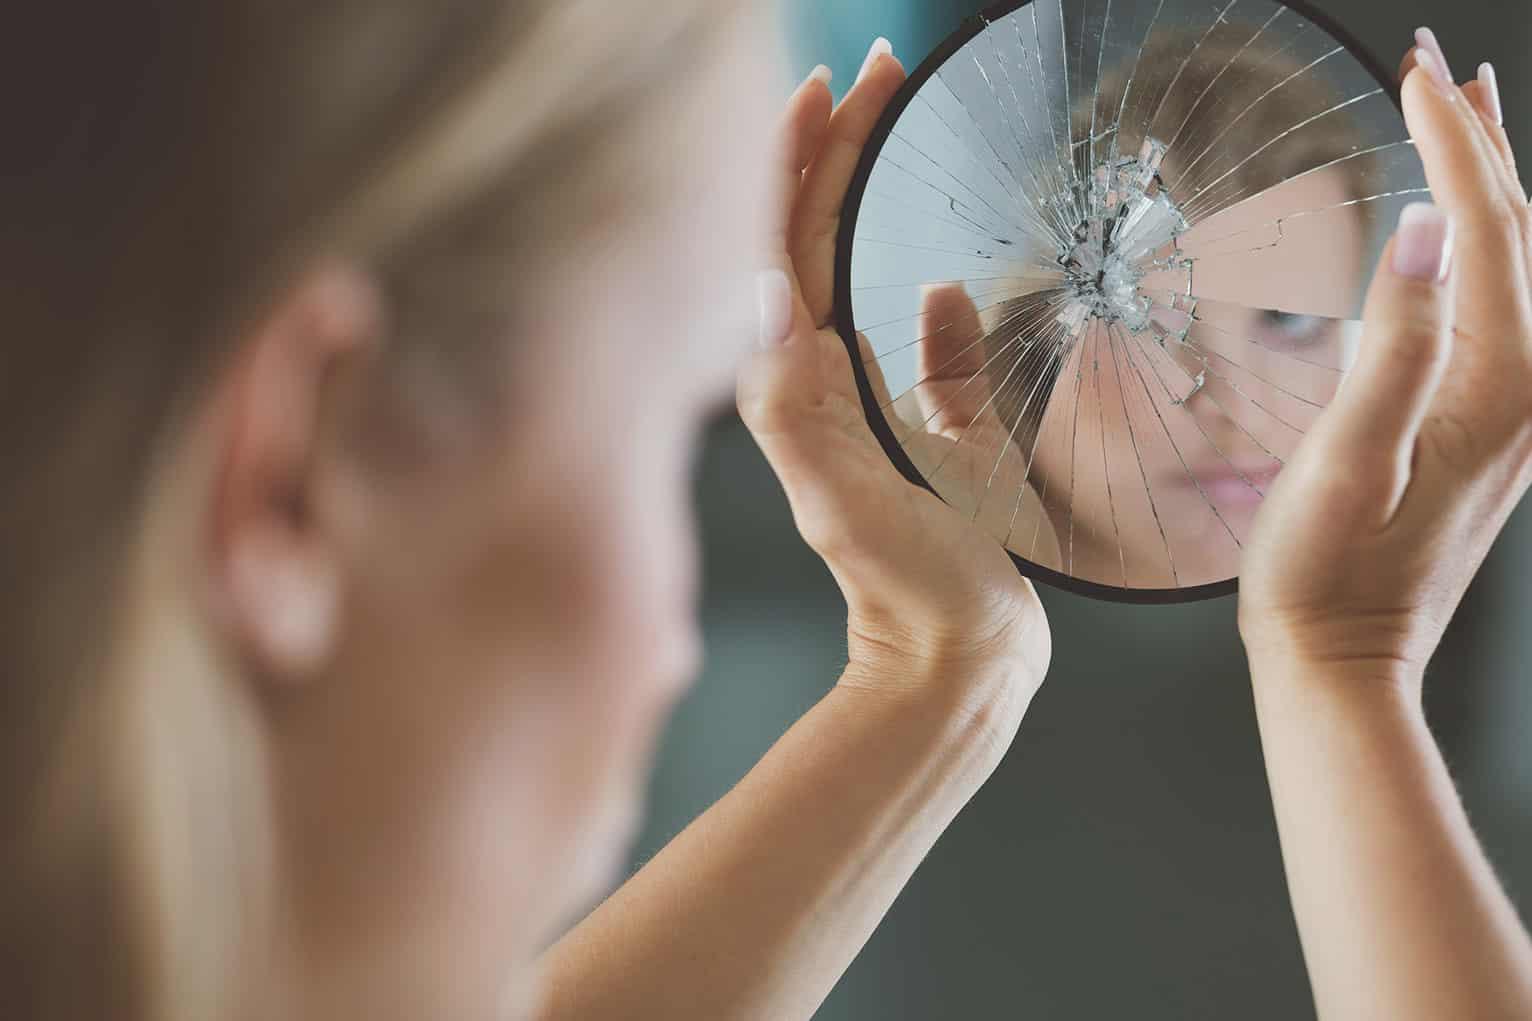 Δεισιδαιμονία -Το σπάσιμο καθρέφτη θεωρείται γρουσουζιά - κακός οιωνός